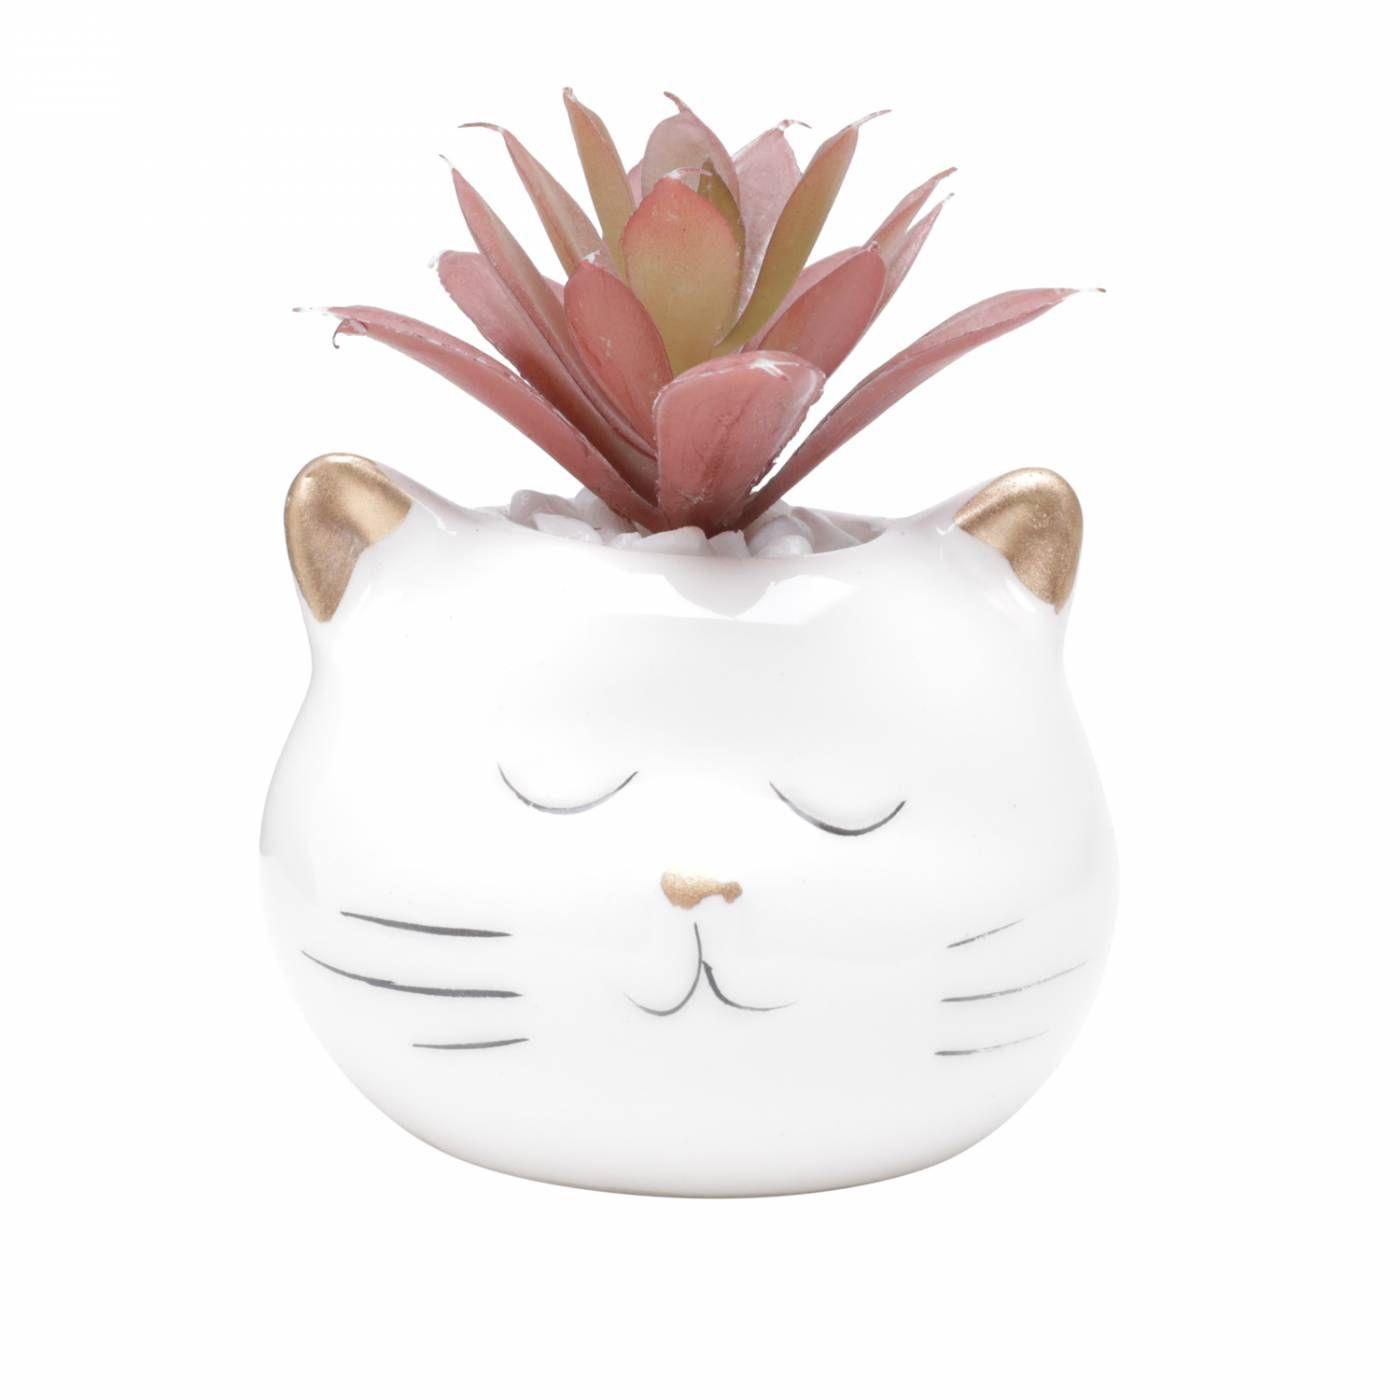 Cachepot Ceramica Com Planta Artificial Cat Face 7,8X7,5X8,2cm Branco Urban